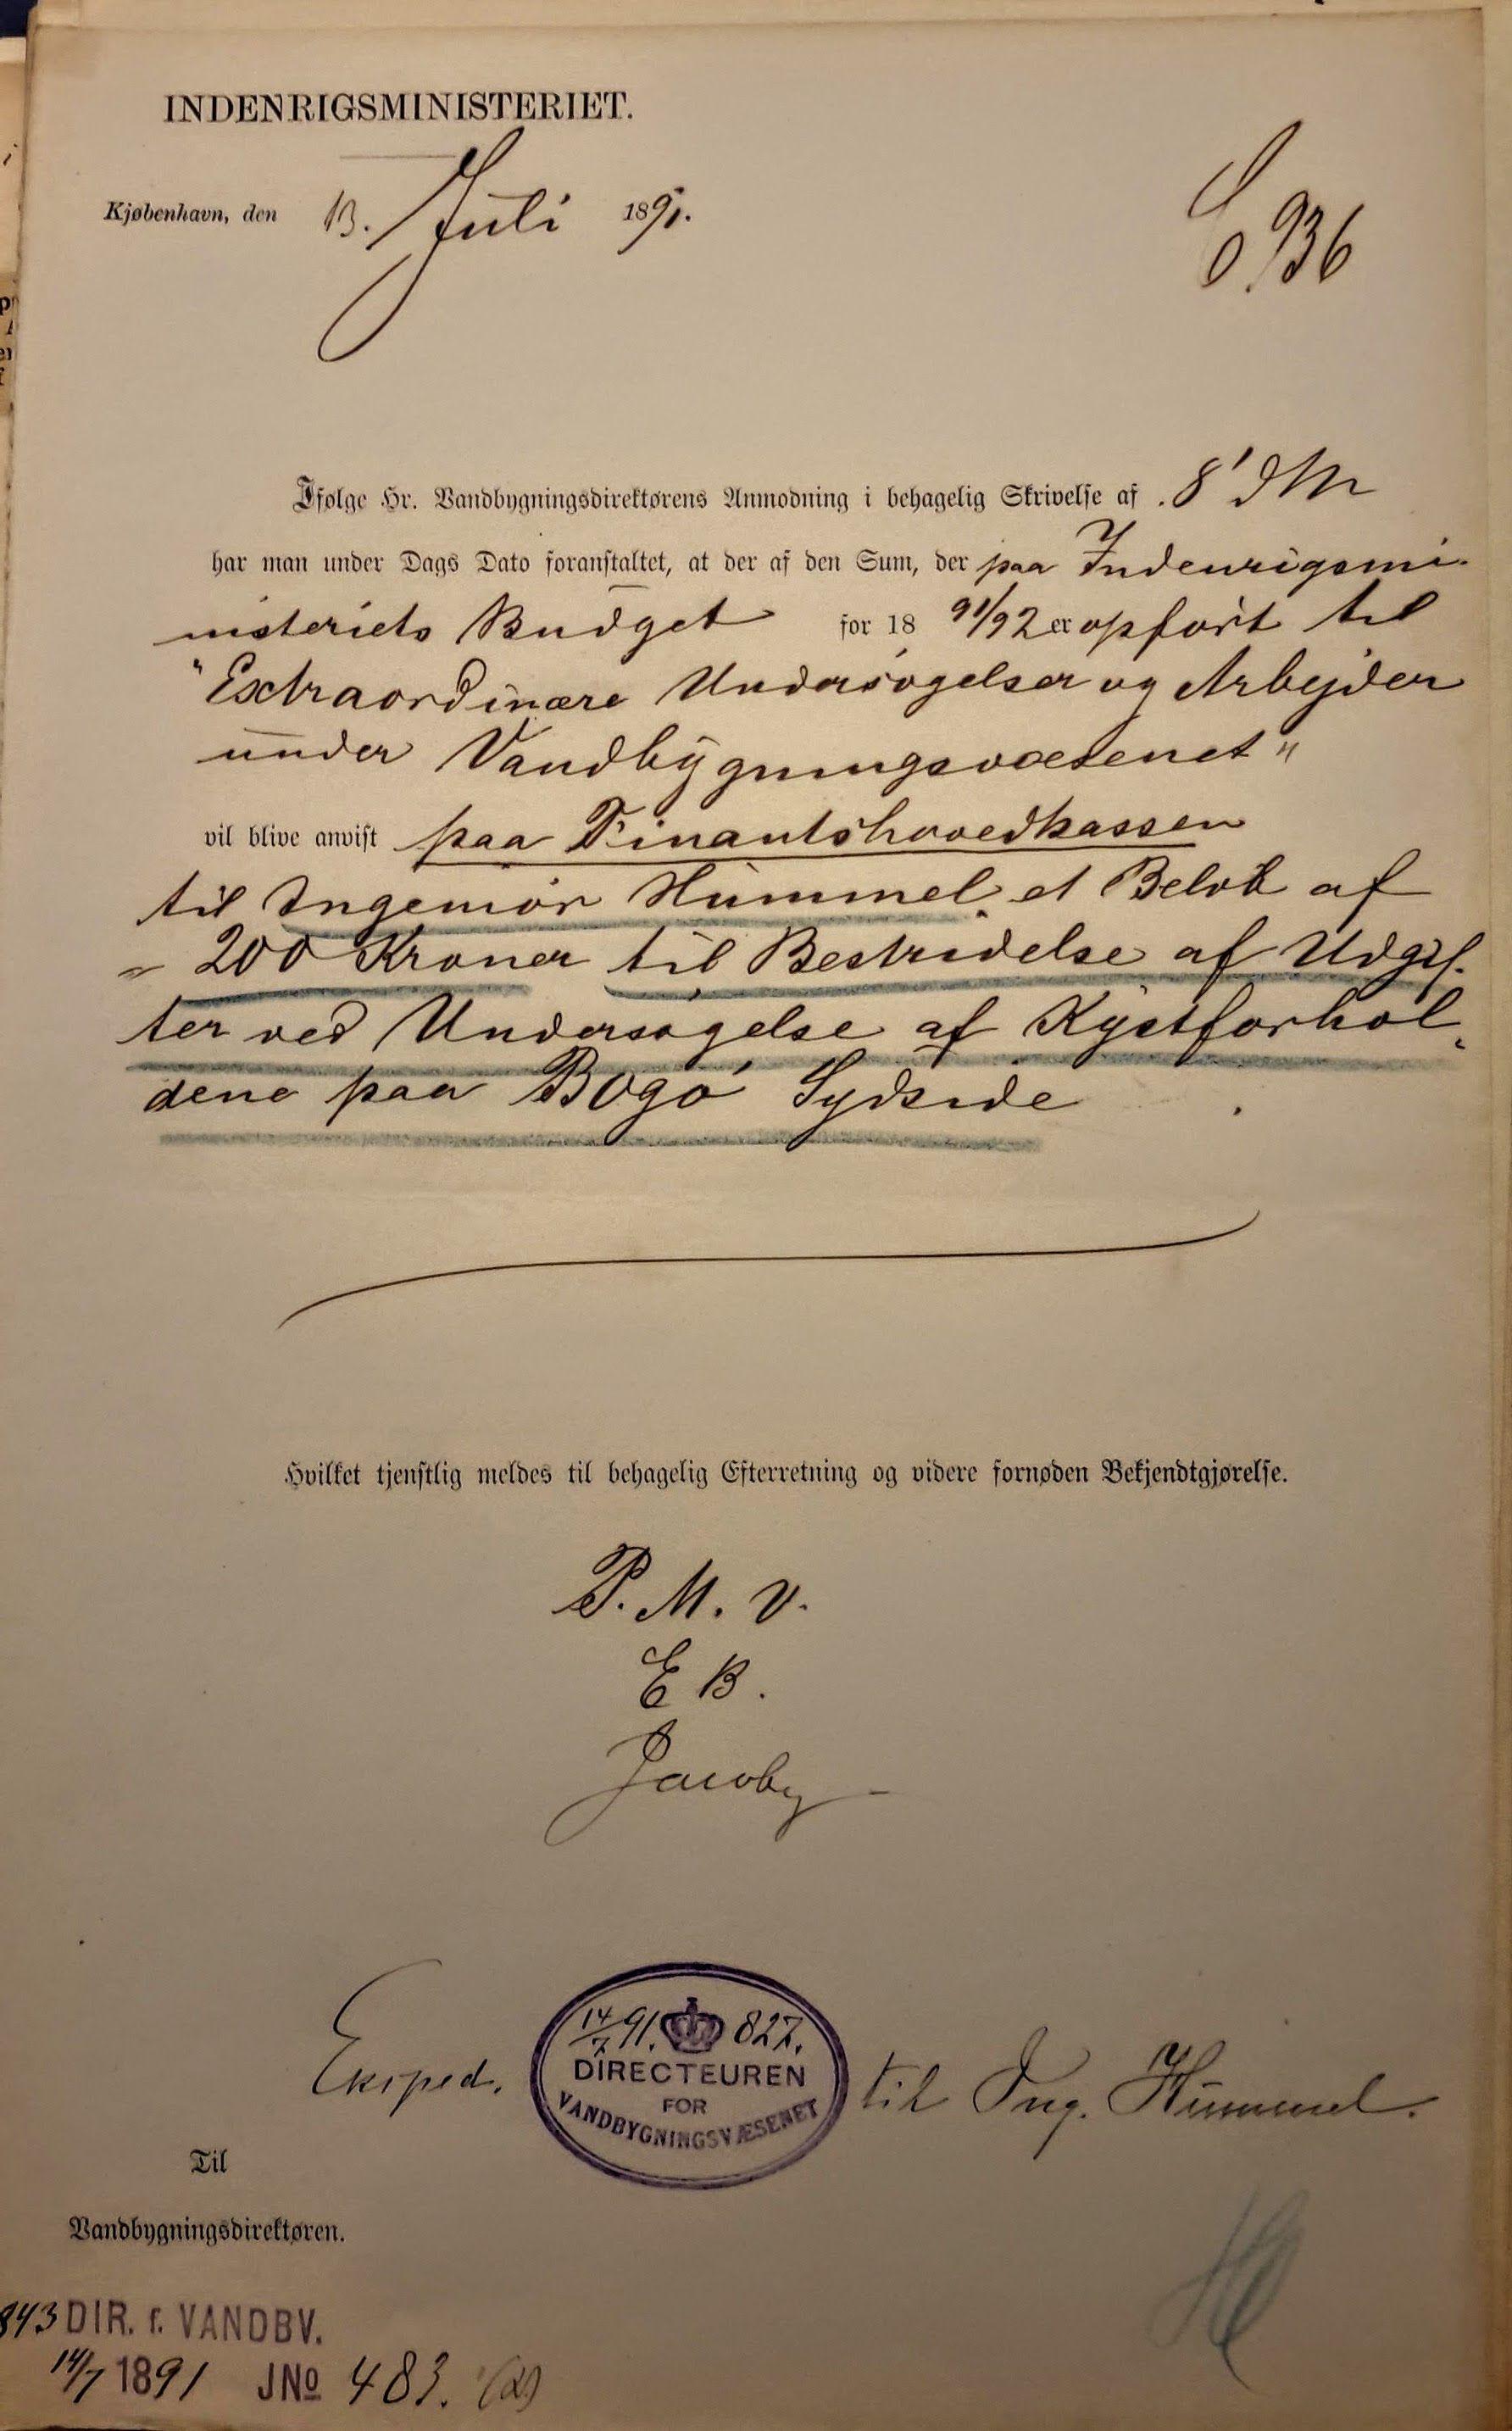 Et glimt fra KARENS hjemhavns historie. Brev af 13. juli 1891 fra Indenrigsministeriet til Vandbygningsdirektøren med bevilling til, at ingeniør Hummel kan foretage en undersøgelse af kystforholdene på Bogøs sydside. Kilde: Vandbygningsdirektoratets journalsager om havn på Bogø 1889-1946. GXe 100. Rigsarkivet